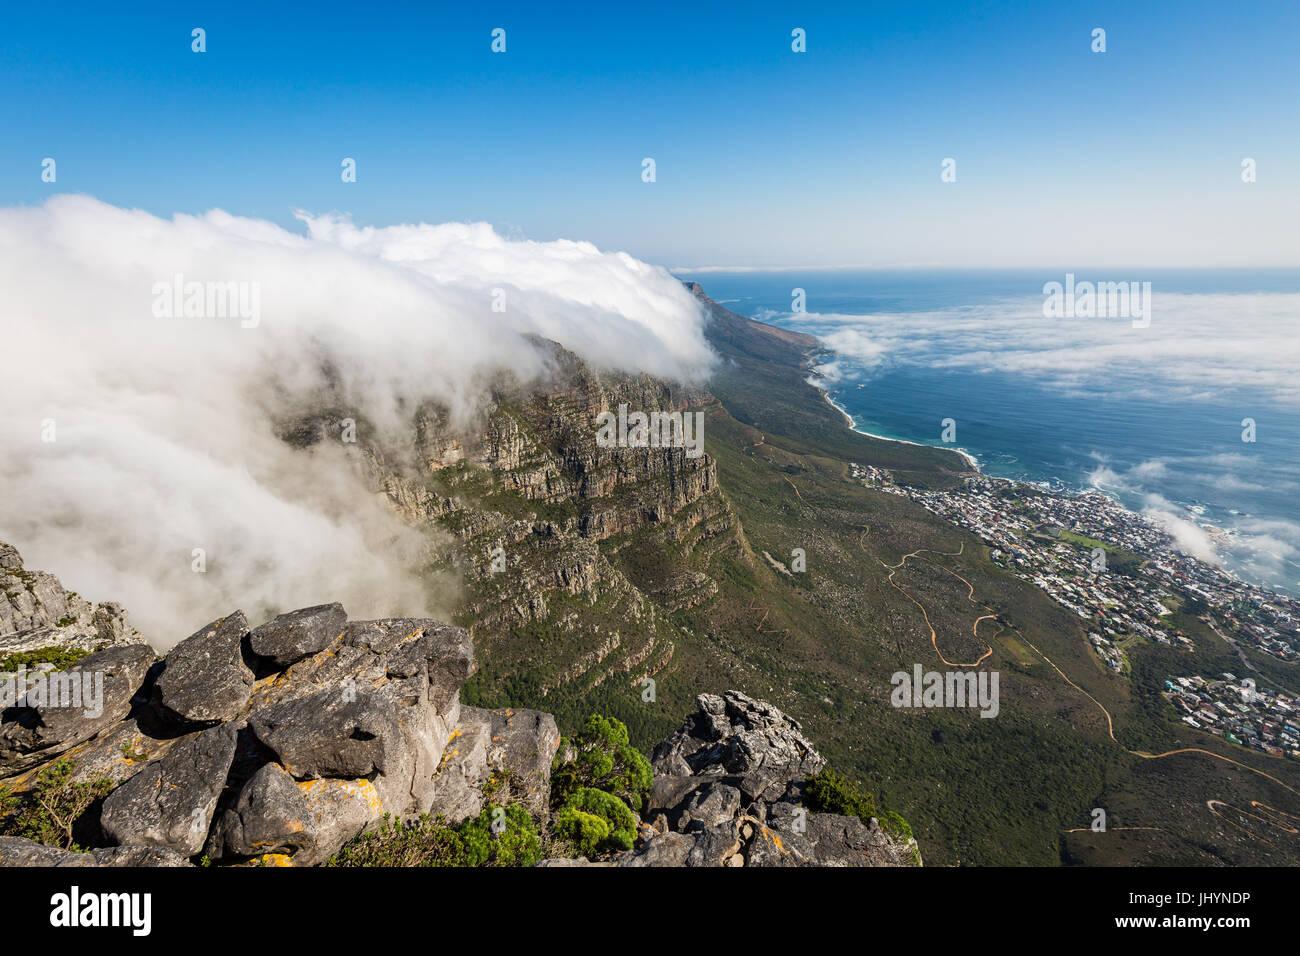 La montagne de la table couvert dans une nappe de nuages orographiques, Camps Bay ci-dessous couvert de nuages bas, Photo Stock